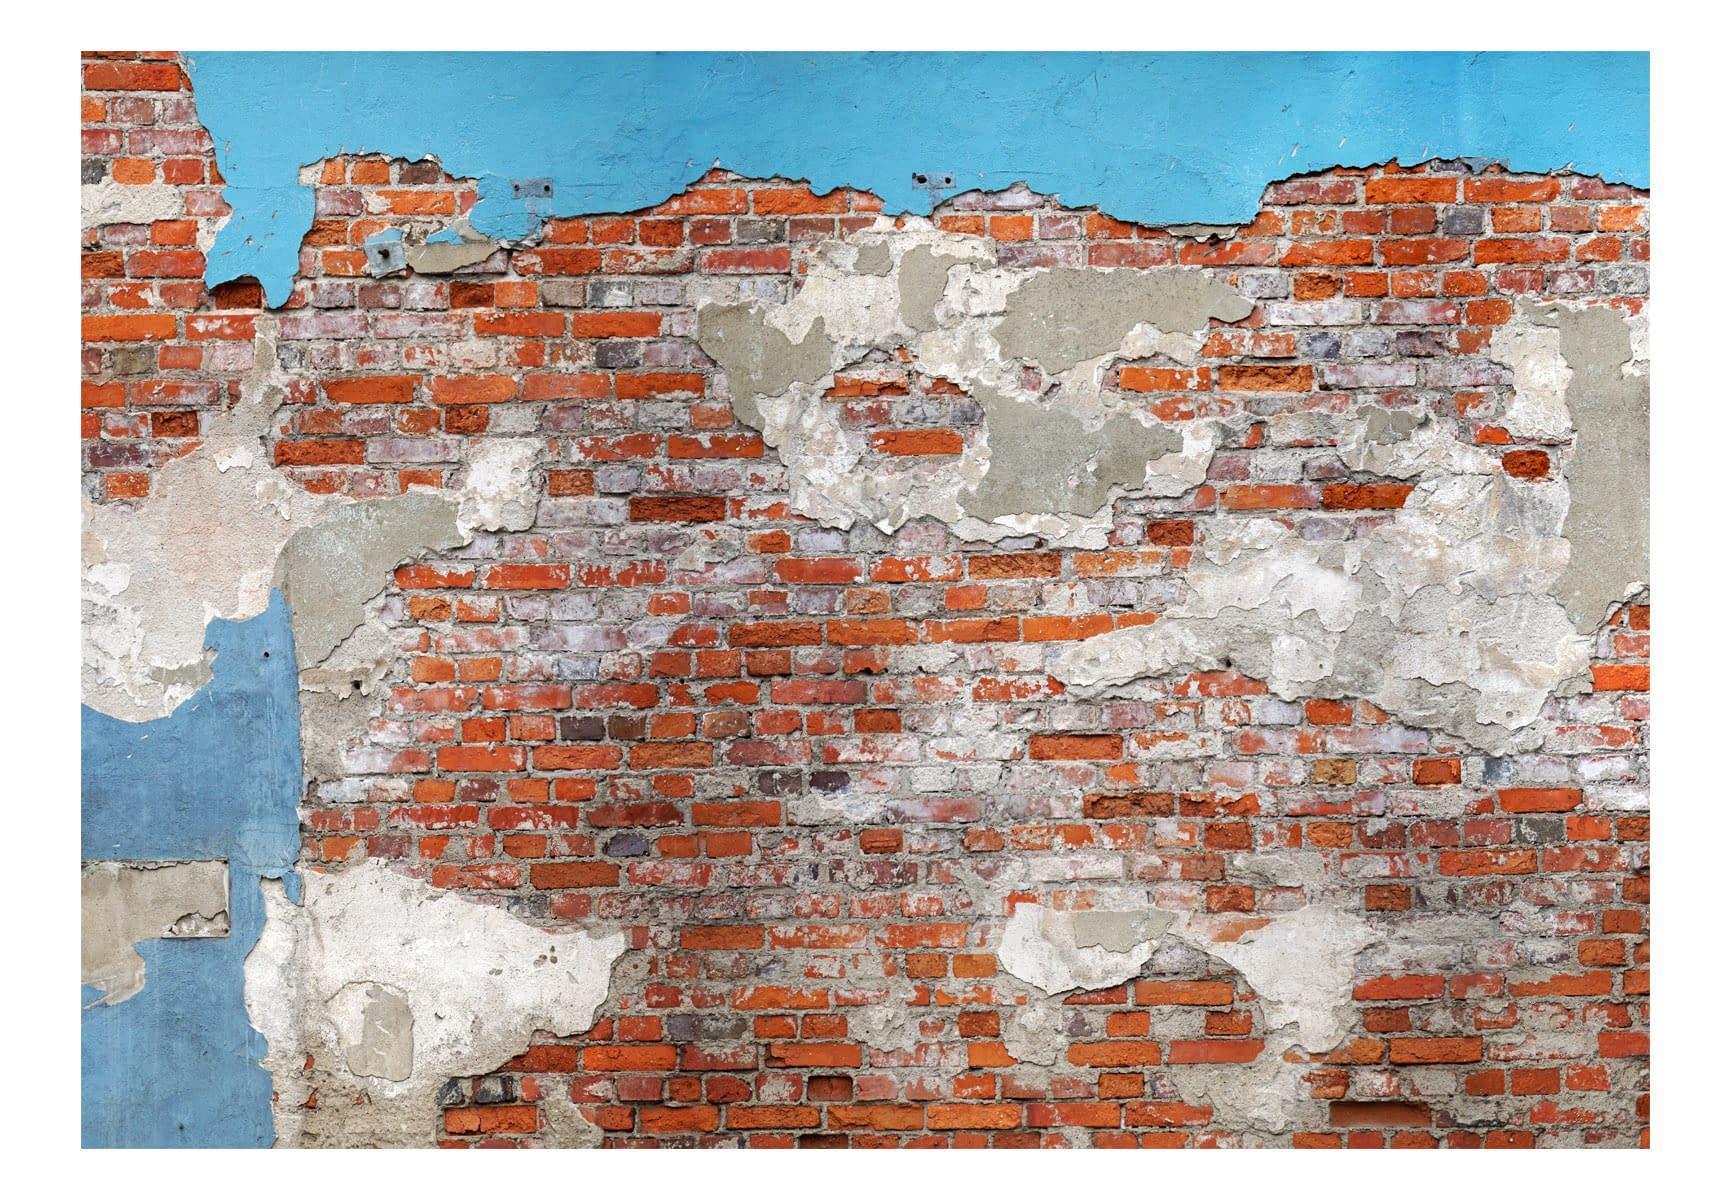 Fototapeta samoprzylepna – Tajemnice muru